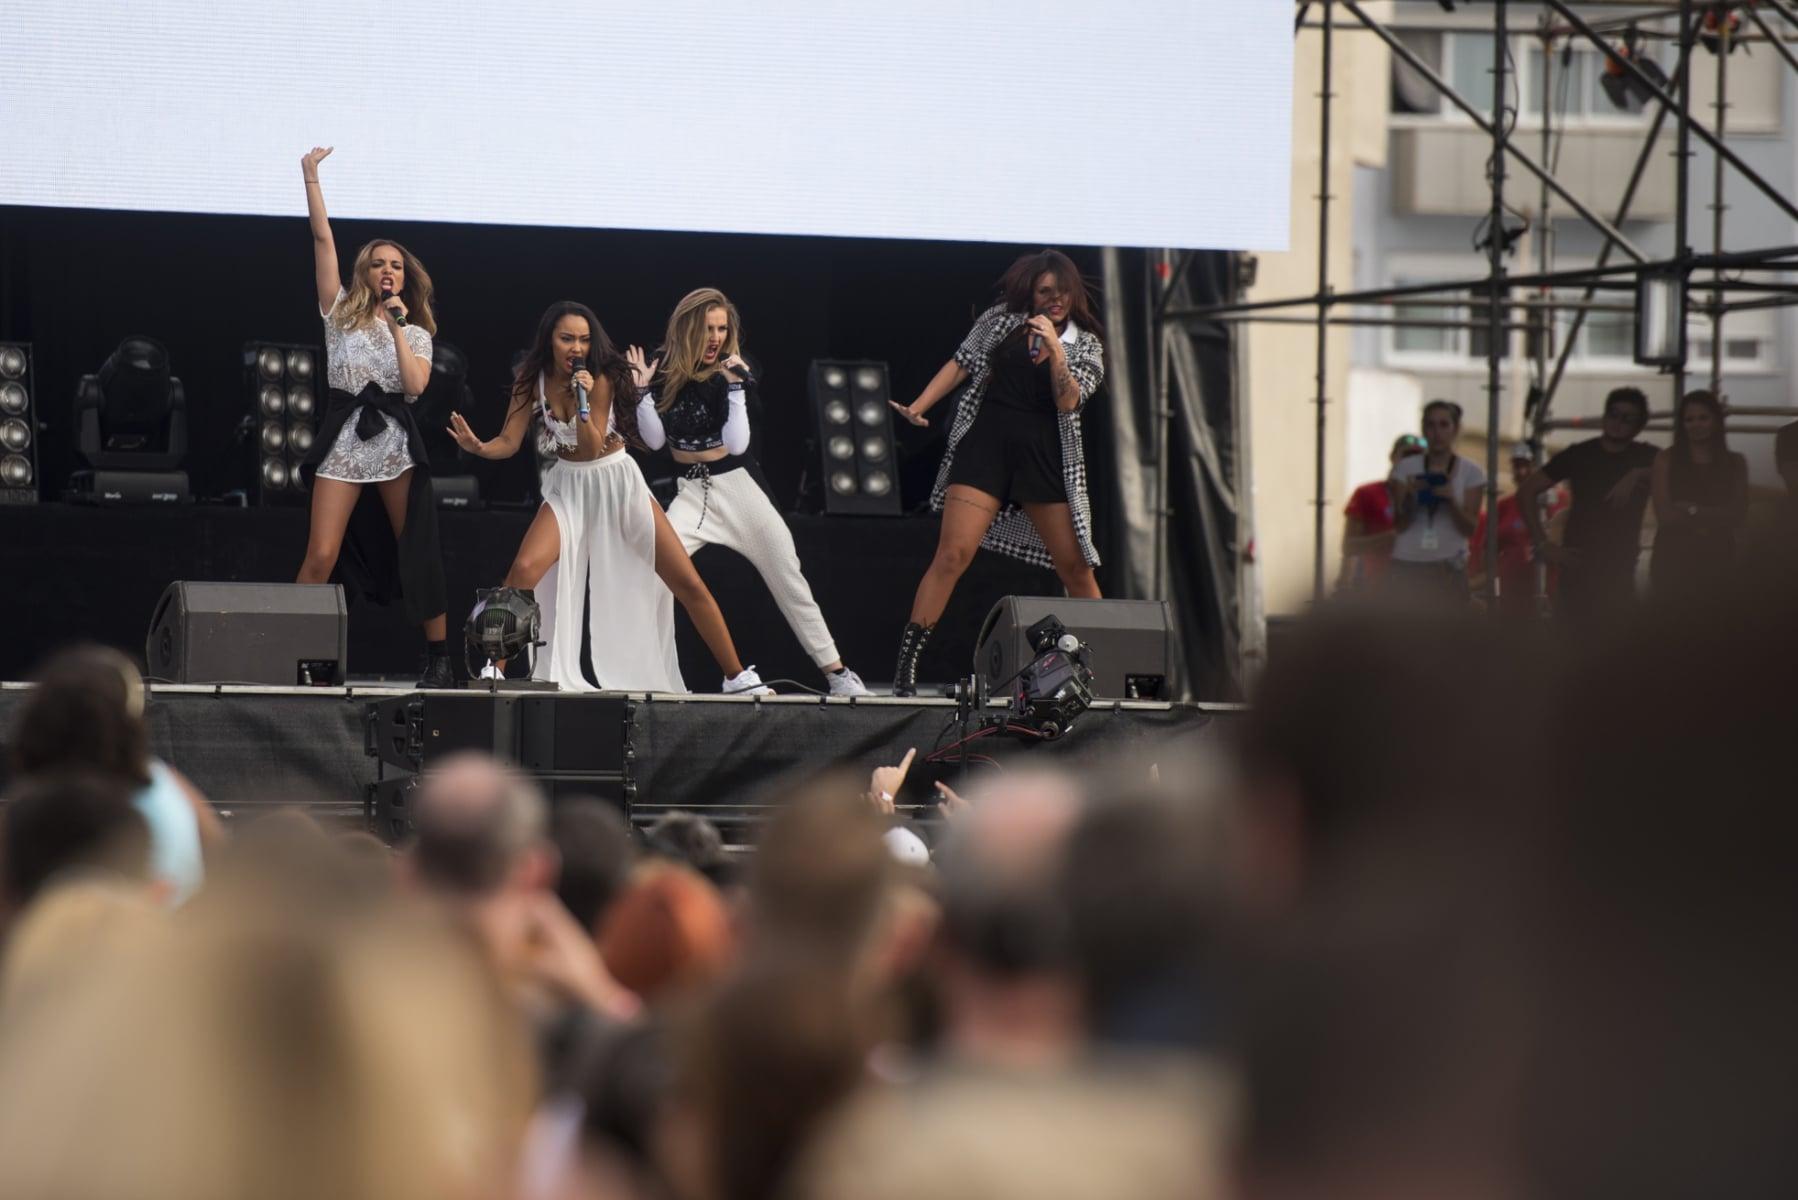 5-septiembre-2015-gibraltar-music-festival-2015-35_21195229421_o